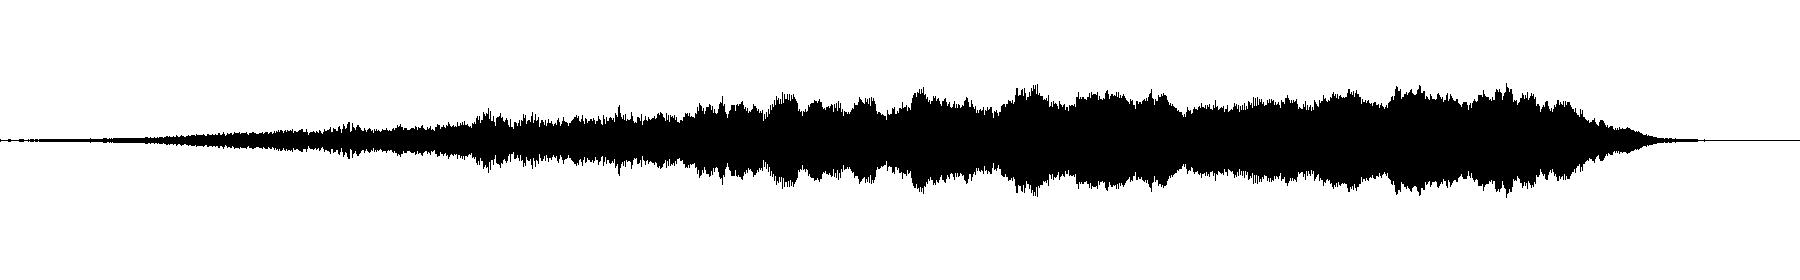 str glissoct 03 xs